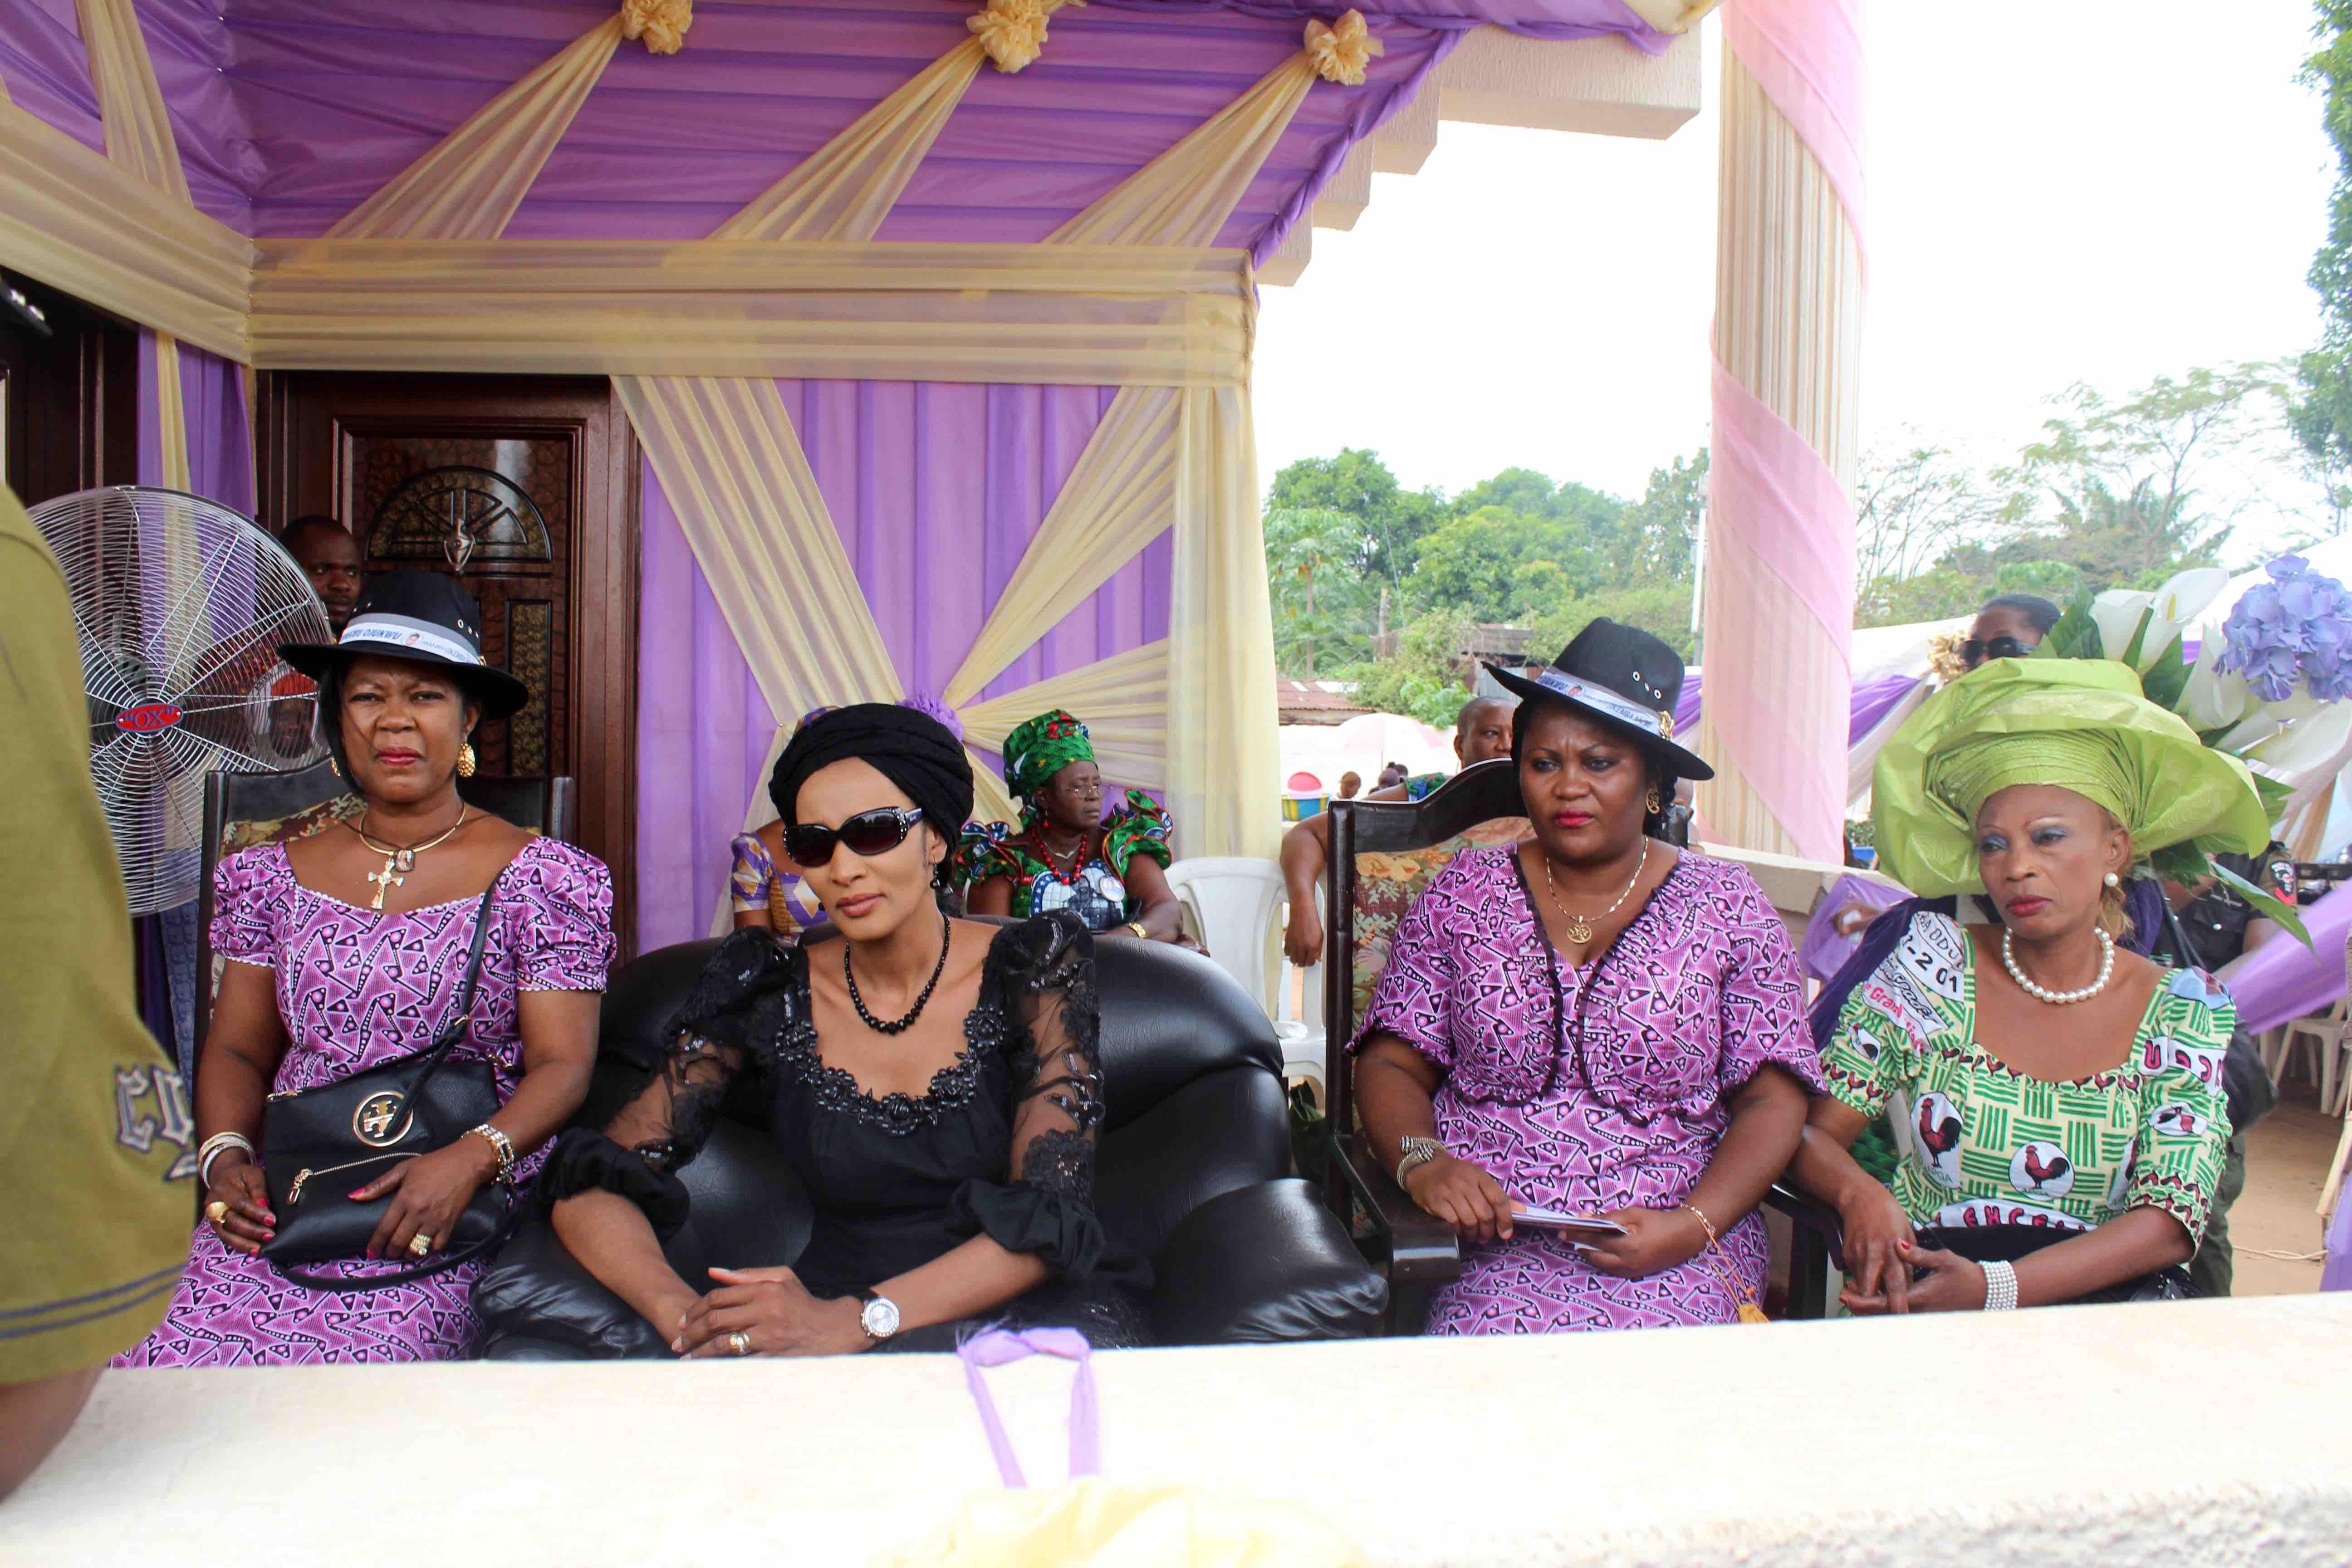 Bianca Ojukwu at the funeral service of her late husband Chukwuemeka Odumegwu Ojukwu, in Nnewi, Anambra State, Nigeria. #JujuFilms